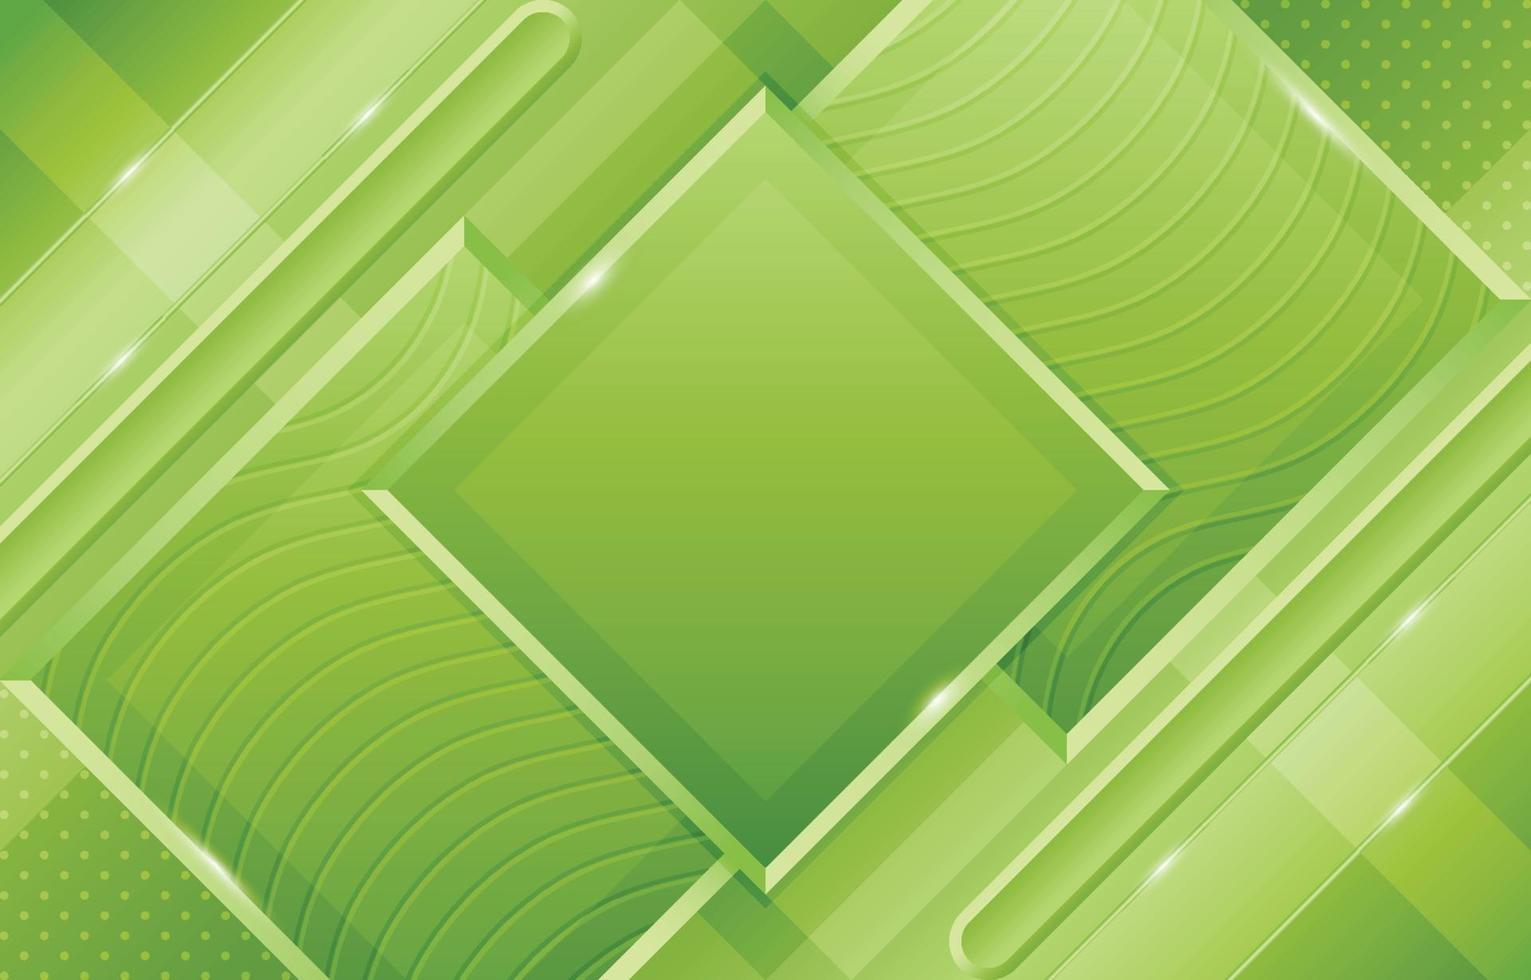 verde geometrico con motivo a onde e composizione di forme diagonali vettore